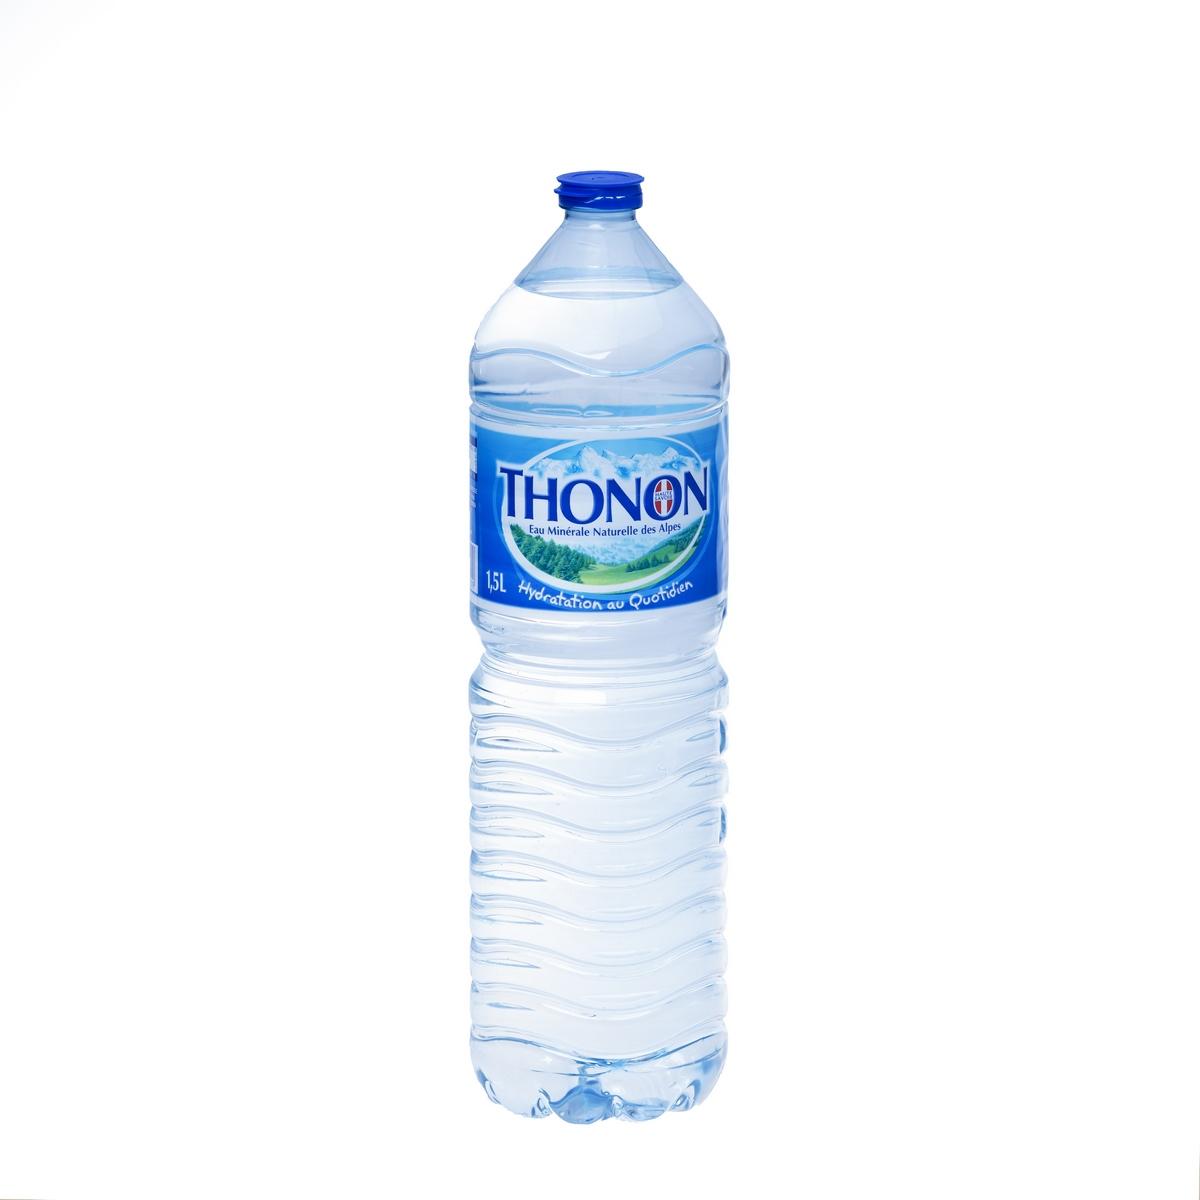 Вода минеральная природная питьевая столовая негазированная Thonon